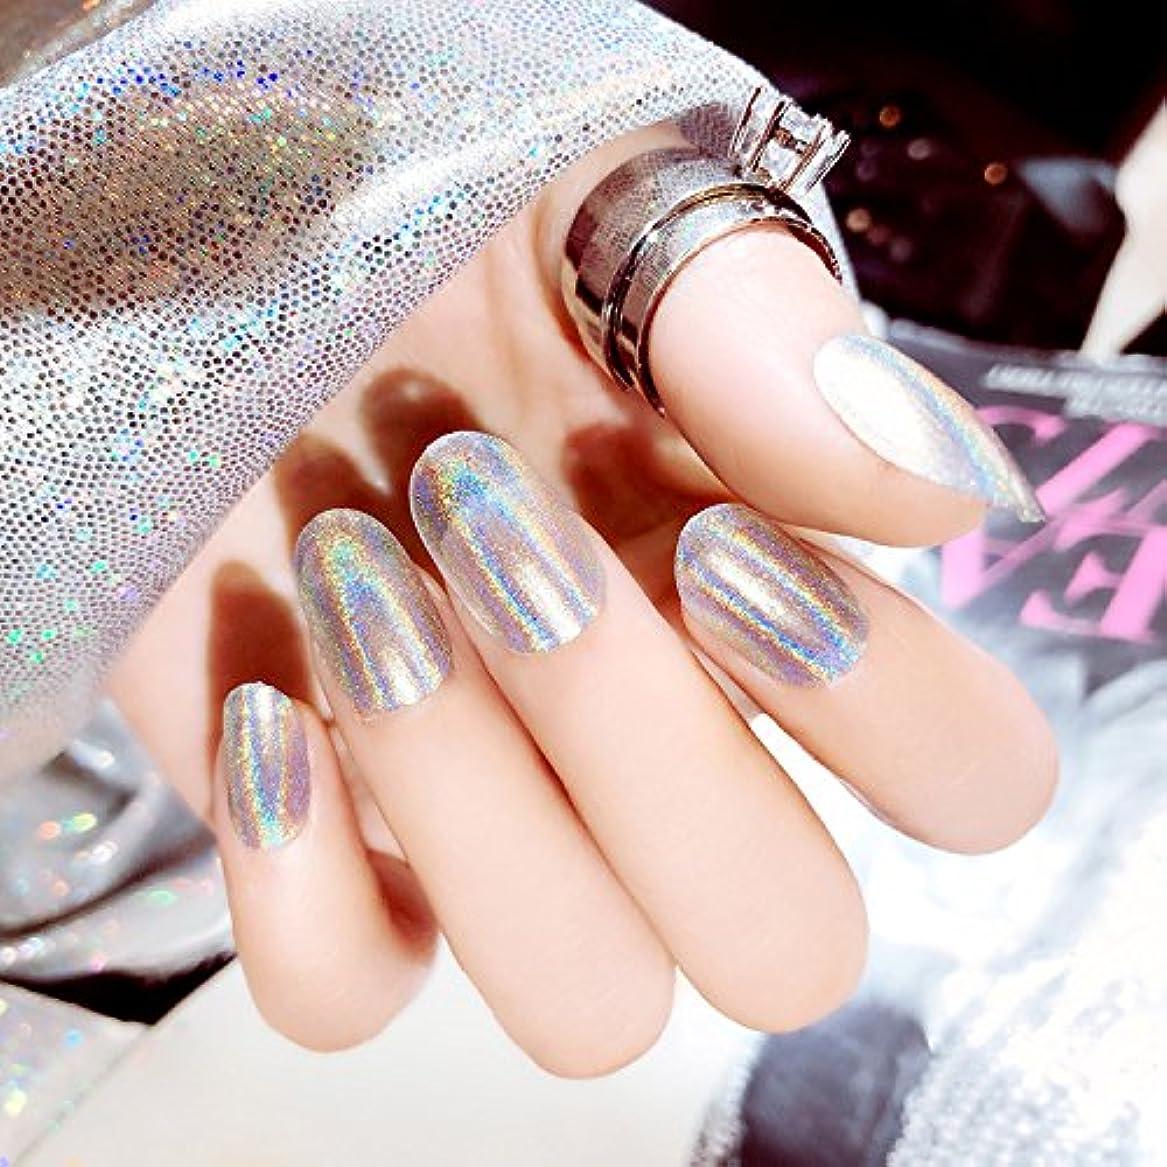 小麦デュアル実際の質感 彩がつく 24枚純色付け爪 ネイル貼るだけネイルチップ レーザー 多重光沢 お花嫁付け爪 ジェルネイルの光疗法 シンフォニー (輝くシルバー)